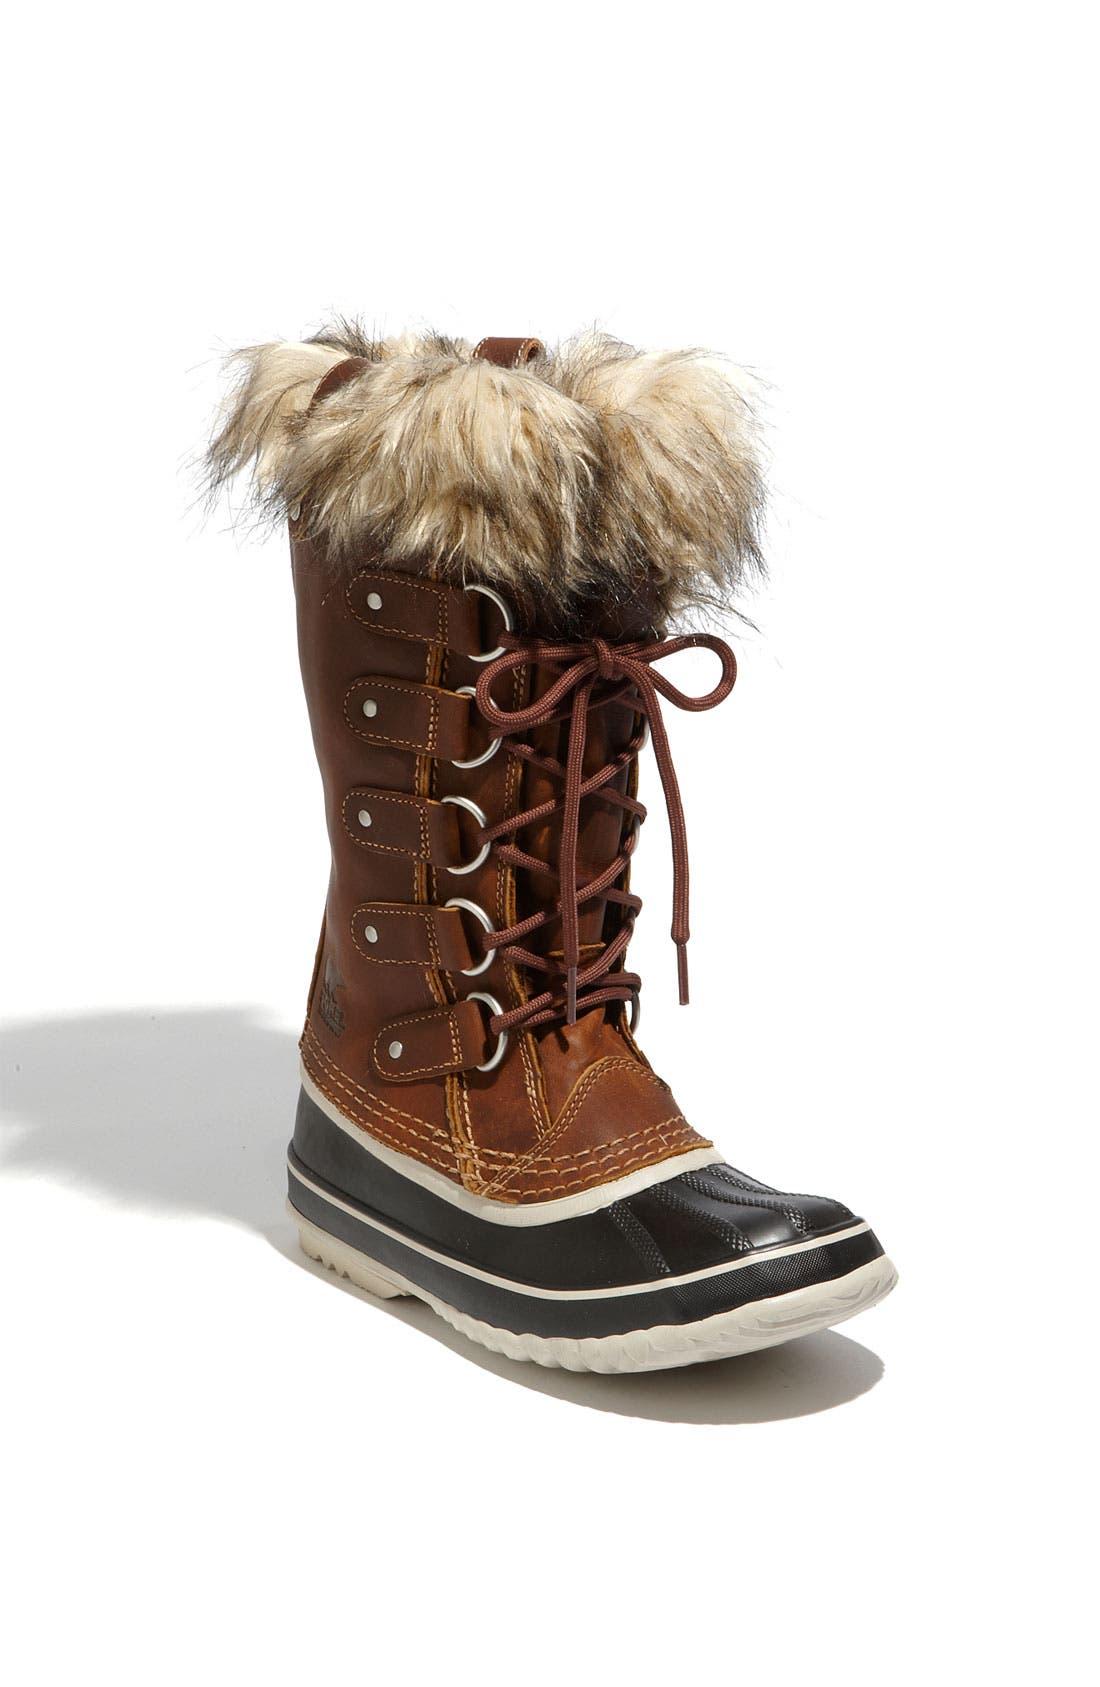 Alternate Image 1 Selected - SOREL 'Joan of Arctic 64' Boot